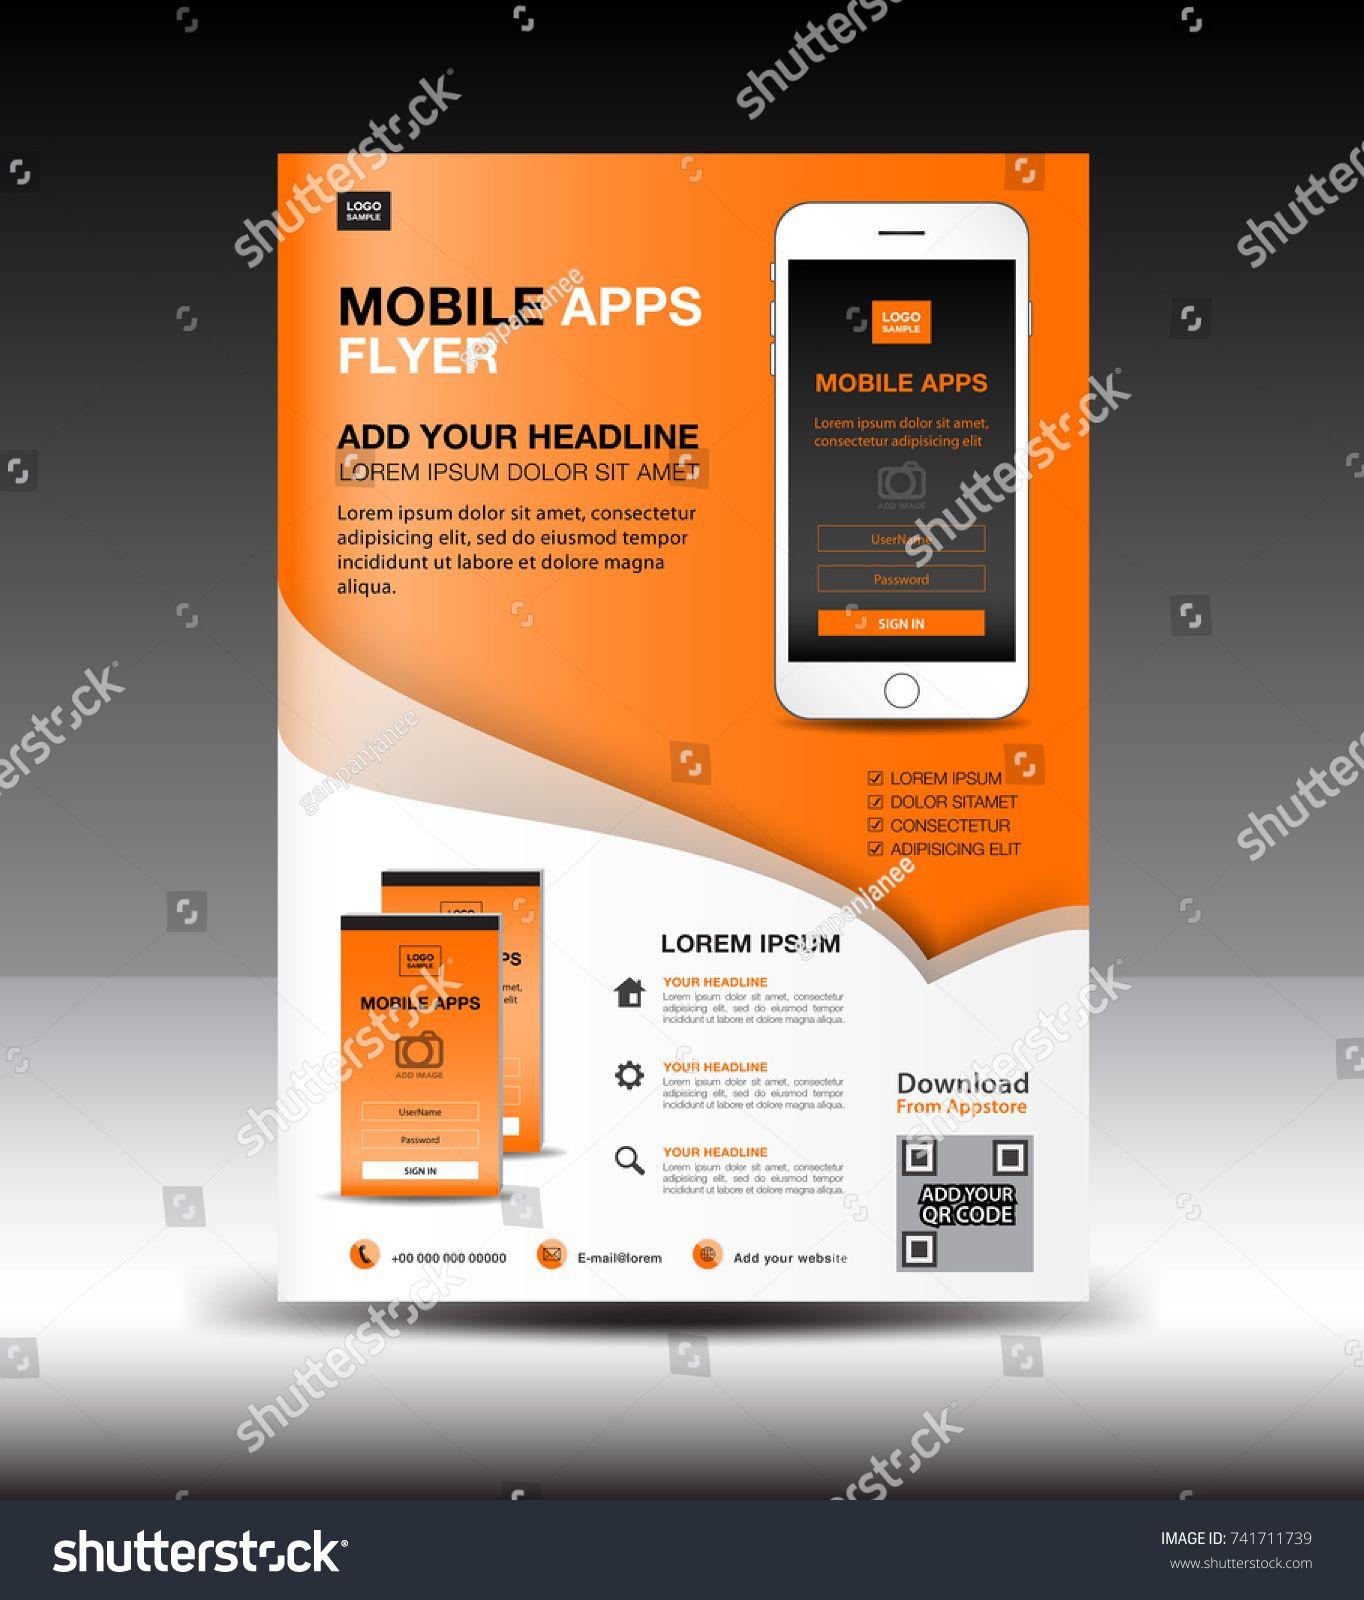 Mobile Apps Flyer template. Business brochure flyer design